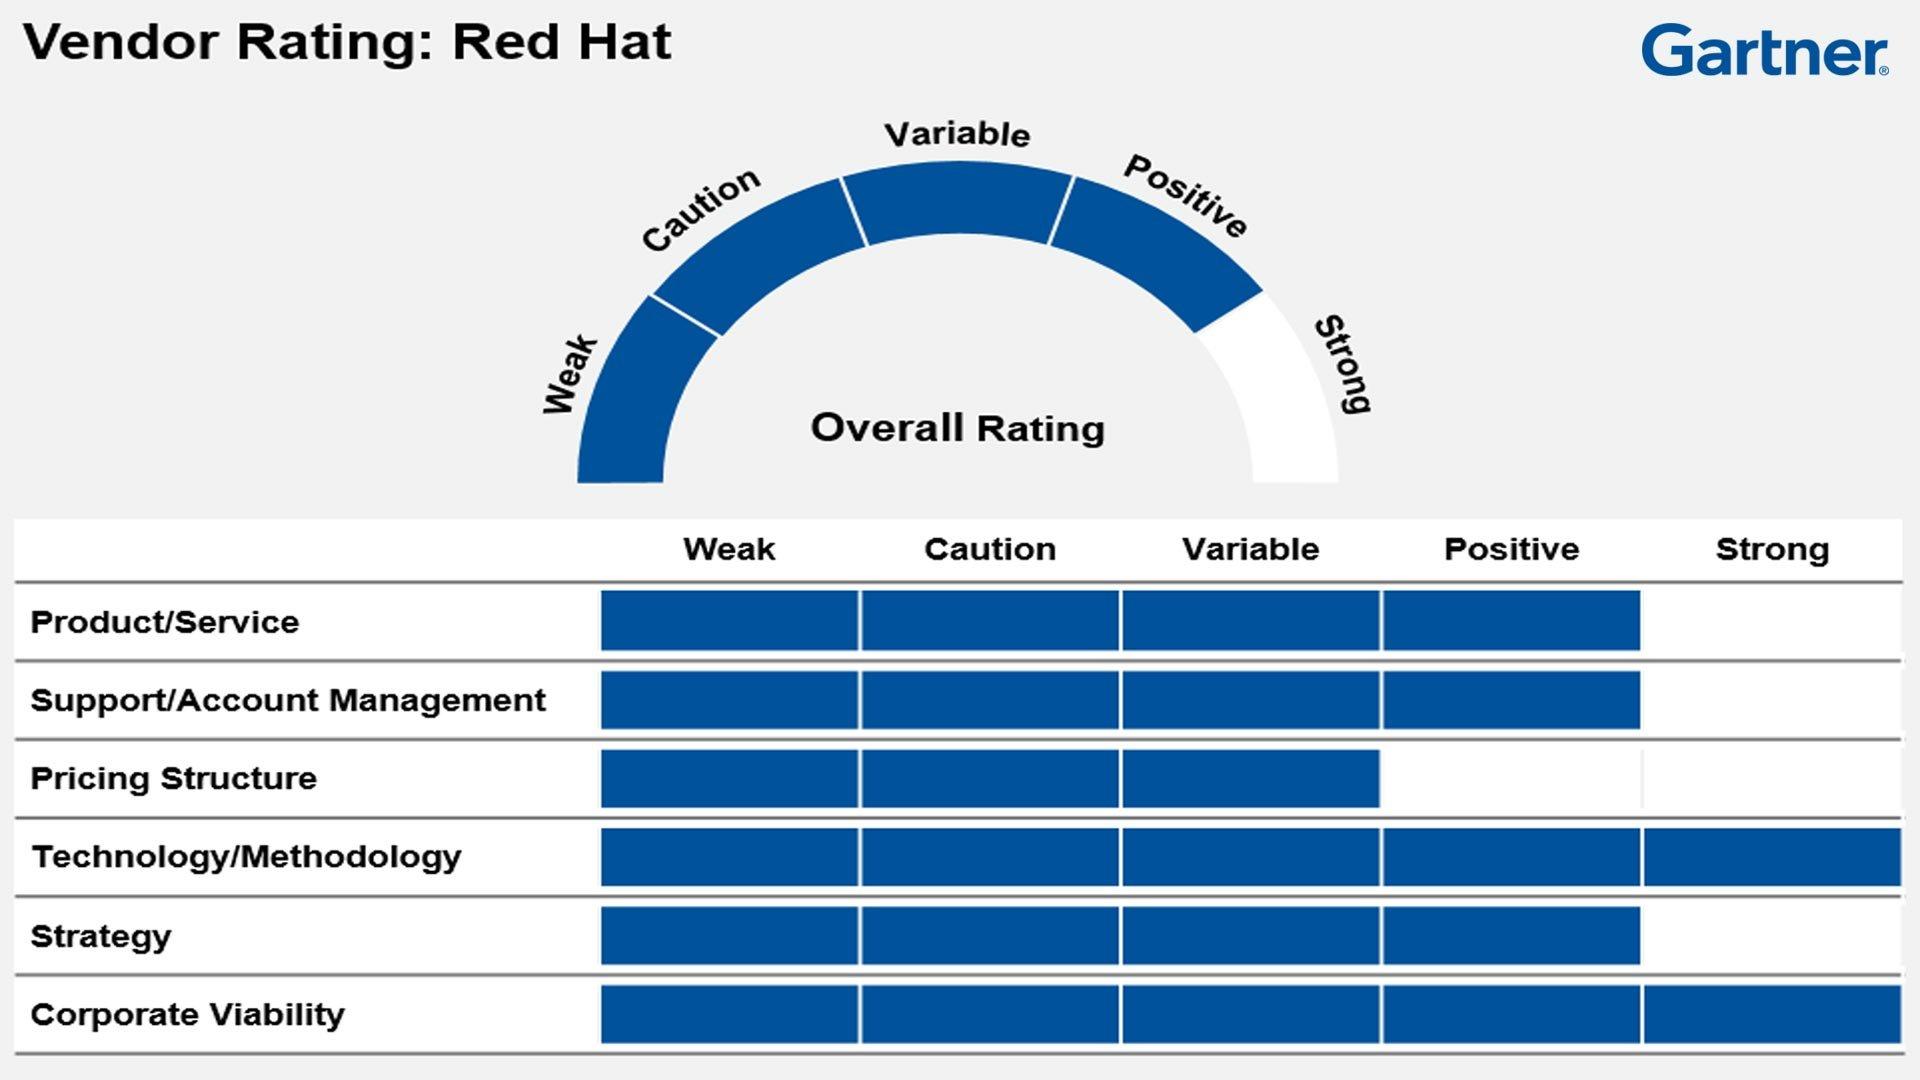 La forza di Red Hat   I dettagli della valutazione